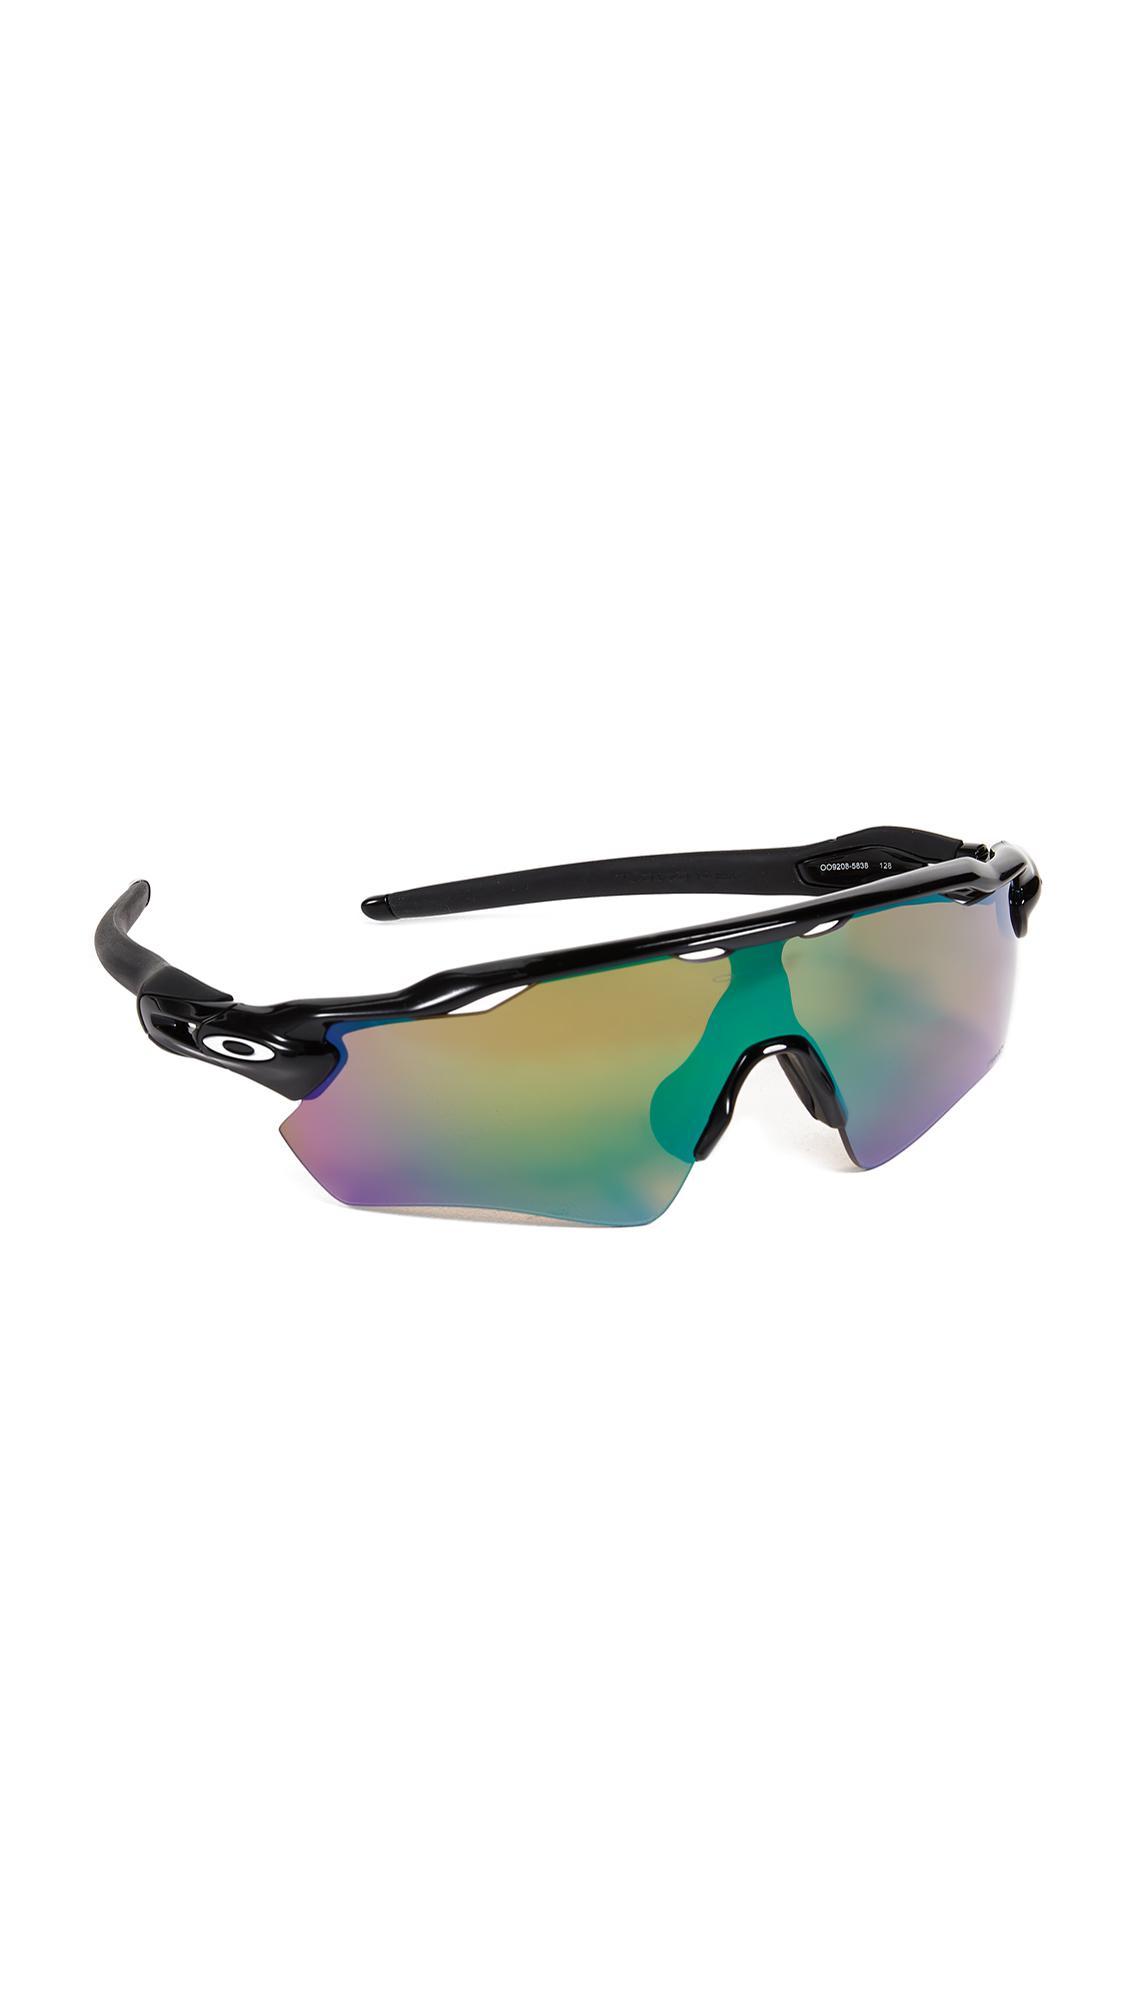 24bbeb2e718 Oakley Radar Ev Path Polarized Sunglasses for Men - Lyst